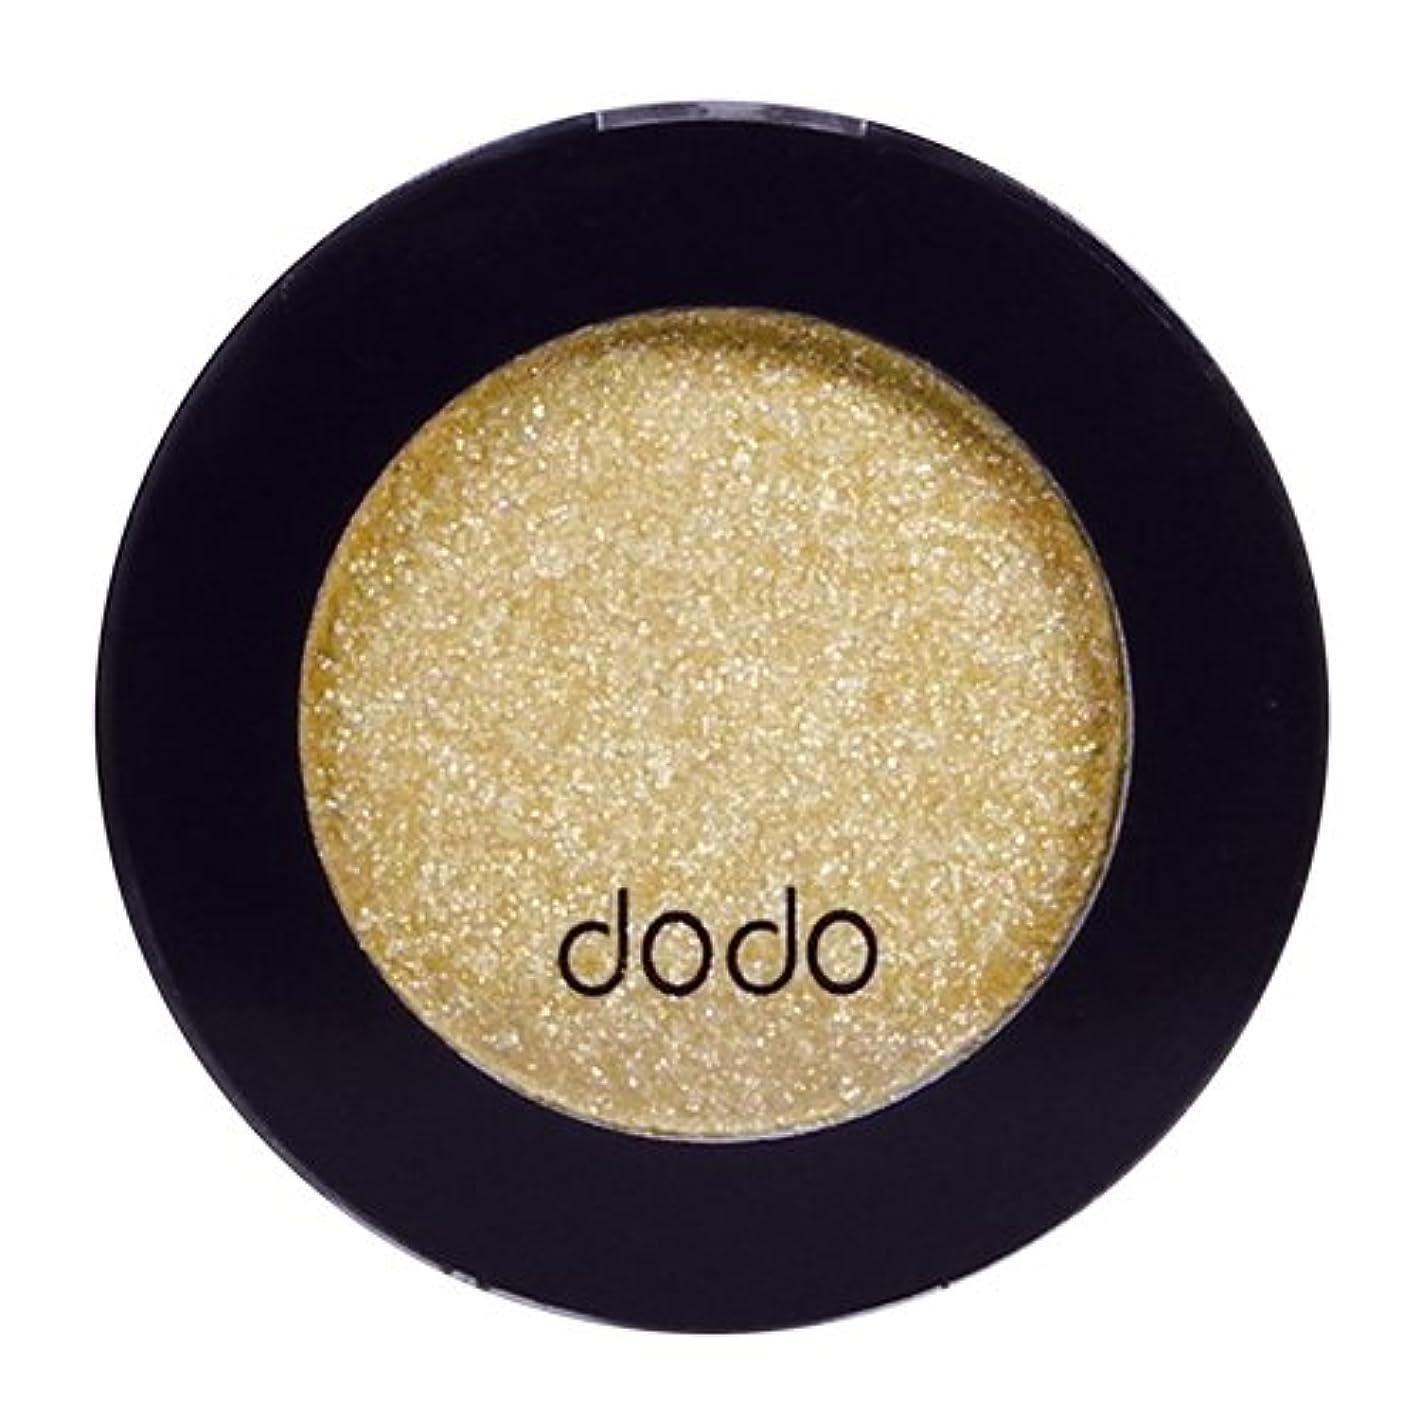 させる空白小麦粉dodo(ドド) アイシャドウ NO2 ゴールド (2g)